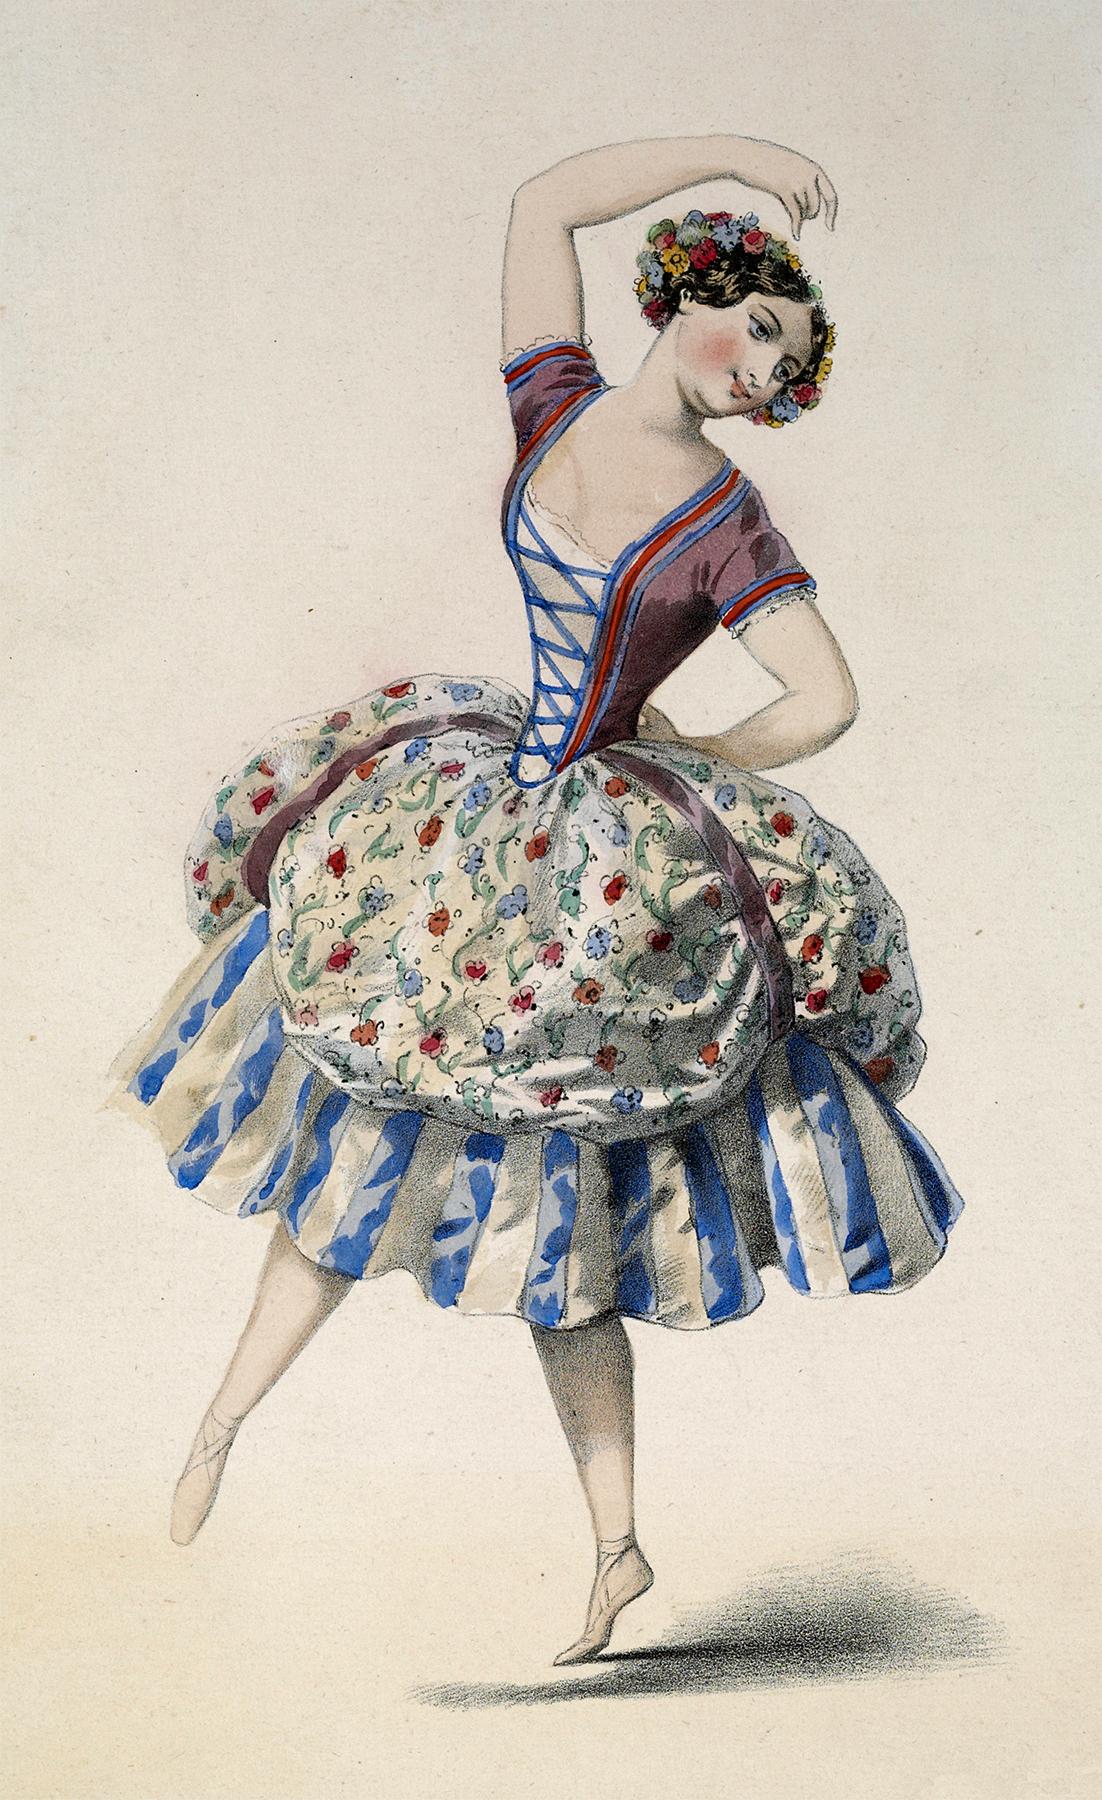 Vintage Dancer Girl Image